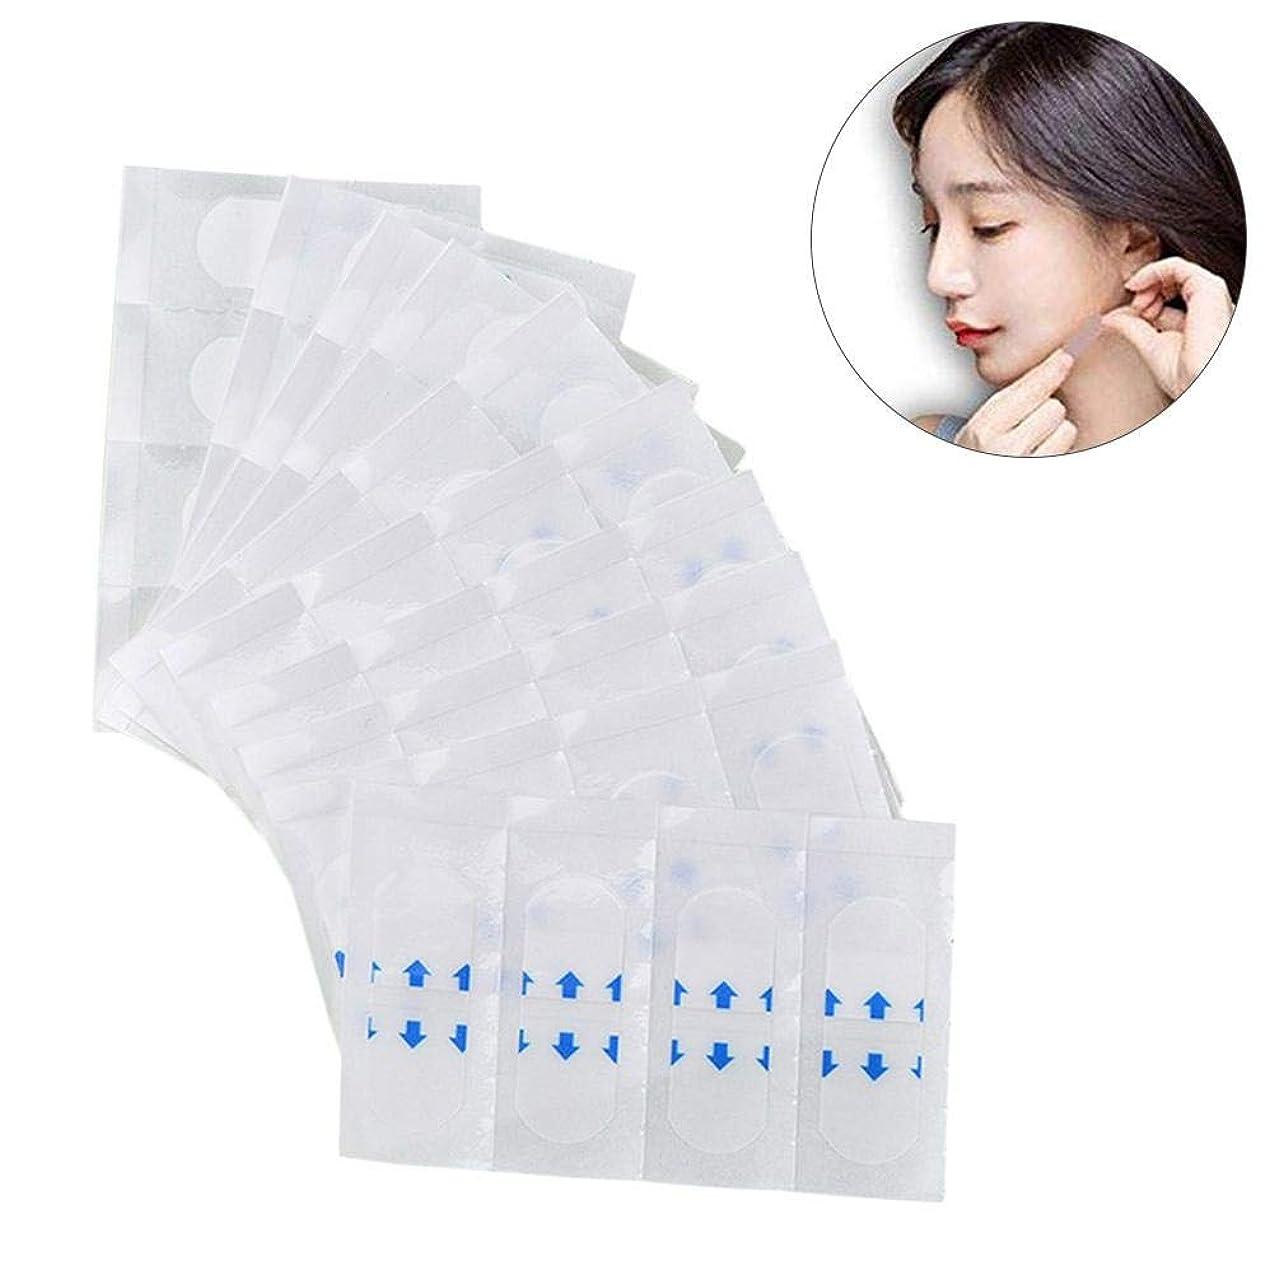 キャンセルばかげている虫を数えるメーキャップツール、メイクアップ用透明テープ、顔のためのテープ、顔のステッカー、顎のリフト美容ツールの目に見えないステッカー, 40PCS/PACK